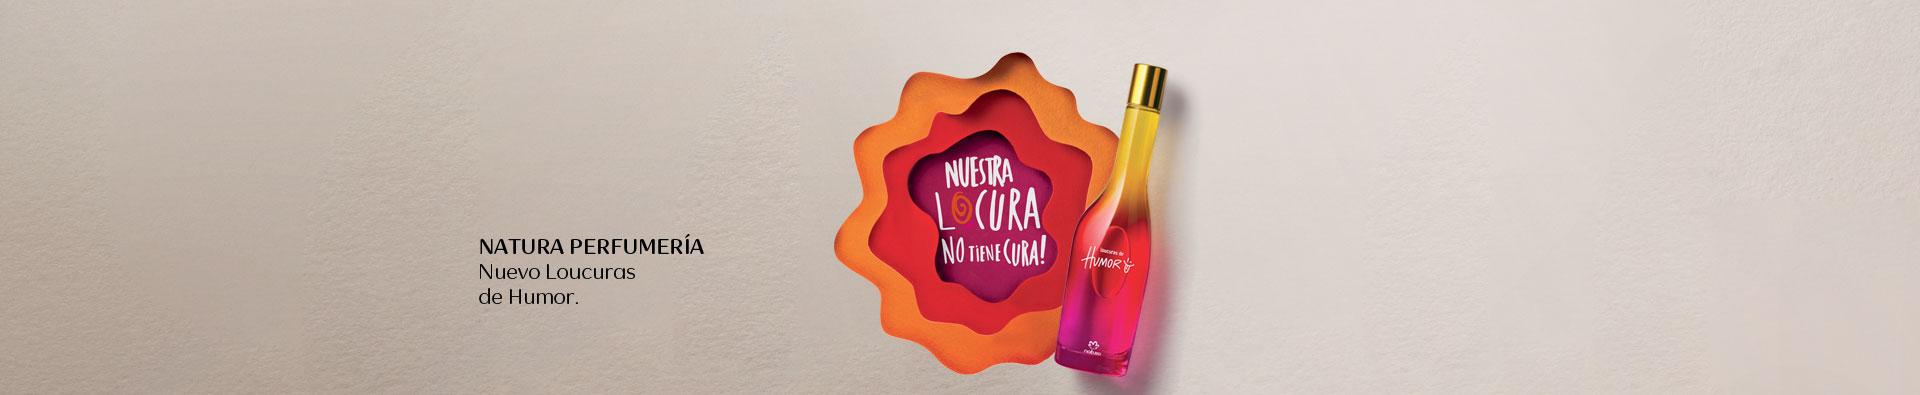 Perfumería Natura. Nuevo Loucuras de Humor